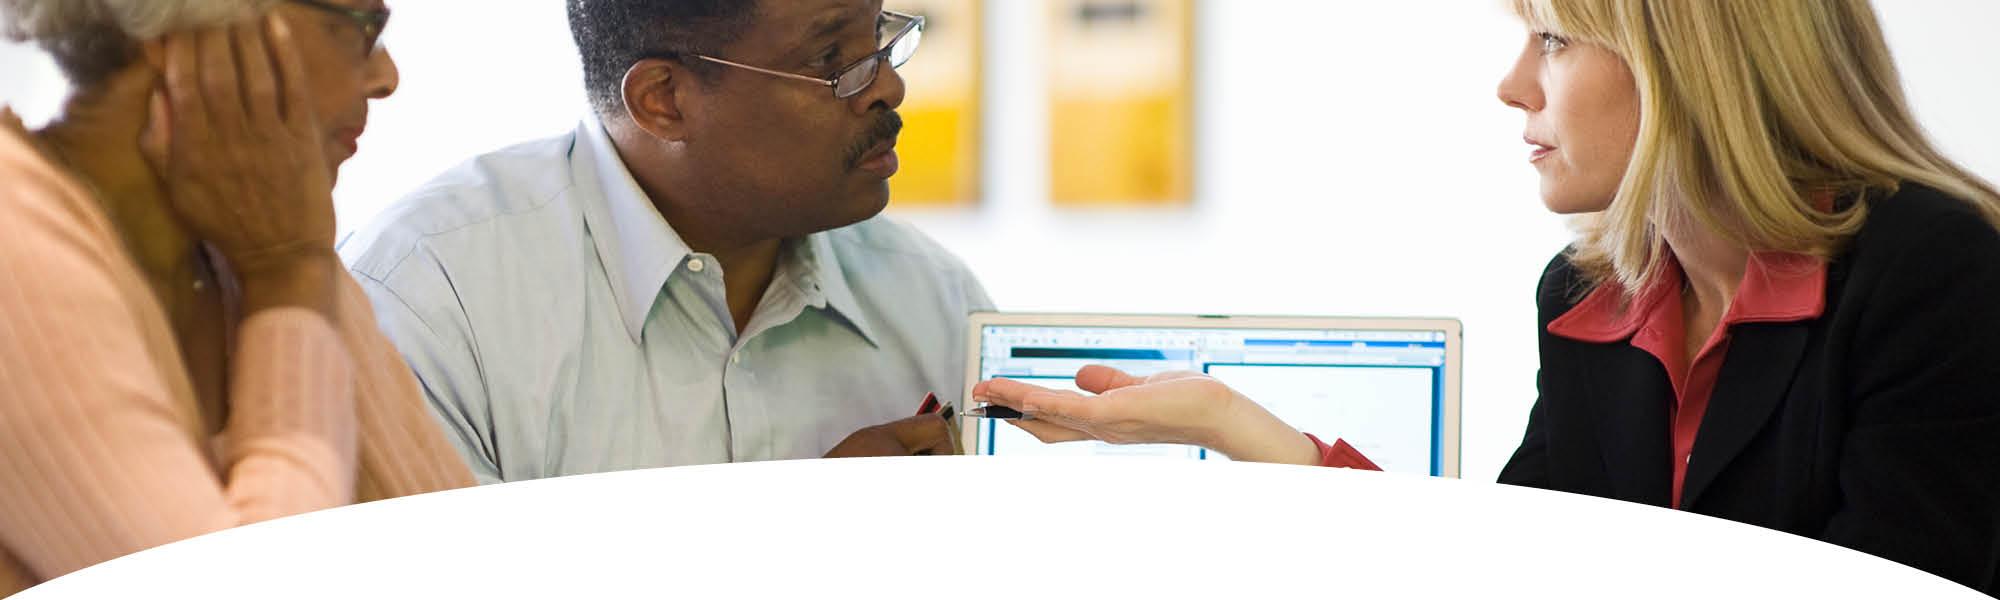 Financial Coaching - businesswoman coaching a couple